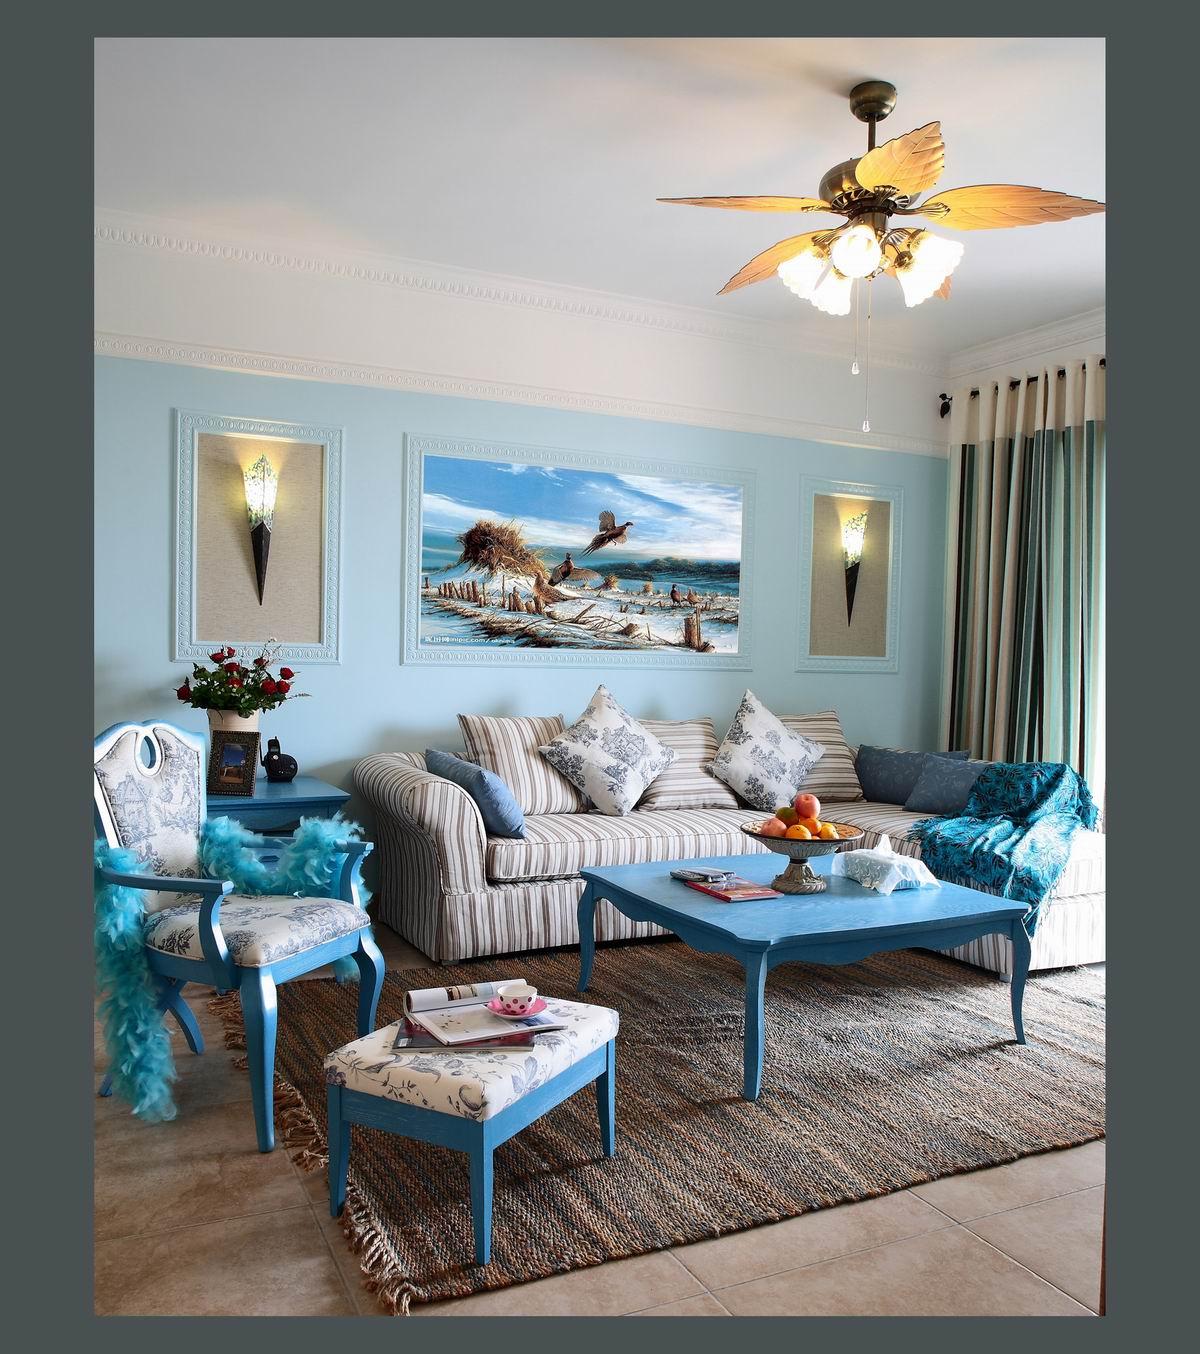 房子给人的第一感觉就是明亮,爽朗,墨绿色的墙壁以及窗帘,带来盎然生机,而且眼睛很舒服。